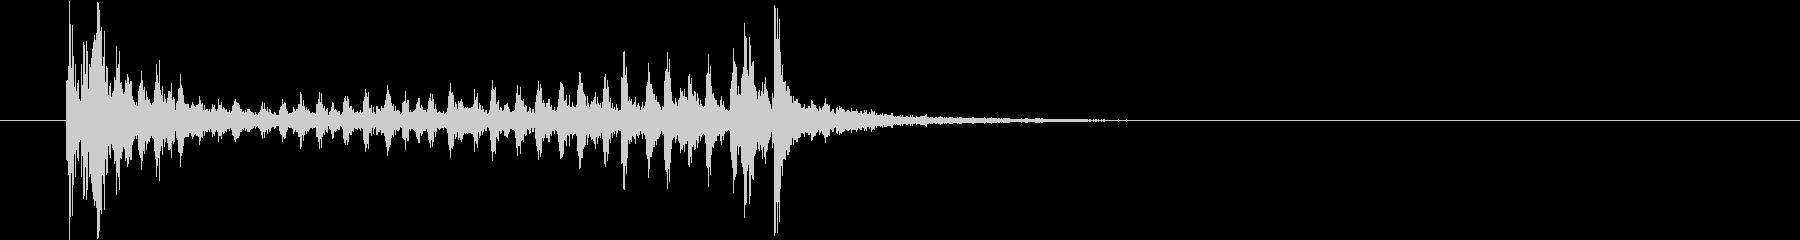 ドラムロール(スネア)短めの未再生の波形